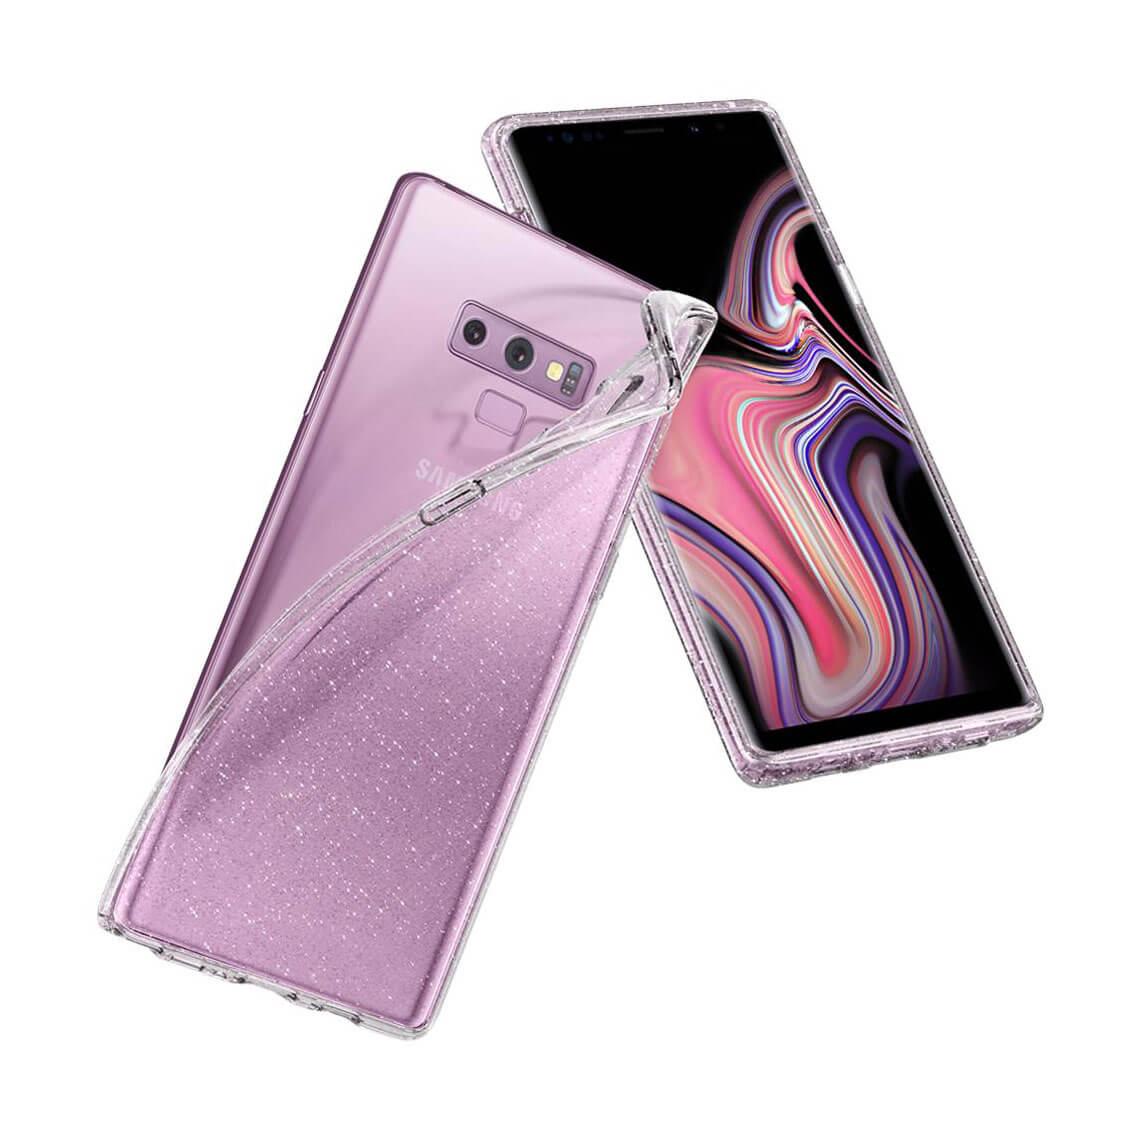 کاور اسپیگن مدل Liquid Crystal Glitter سامسونگ Galaxy Note 9